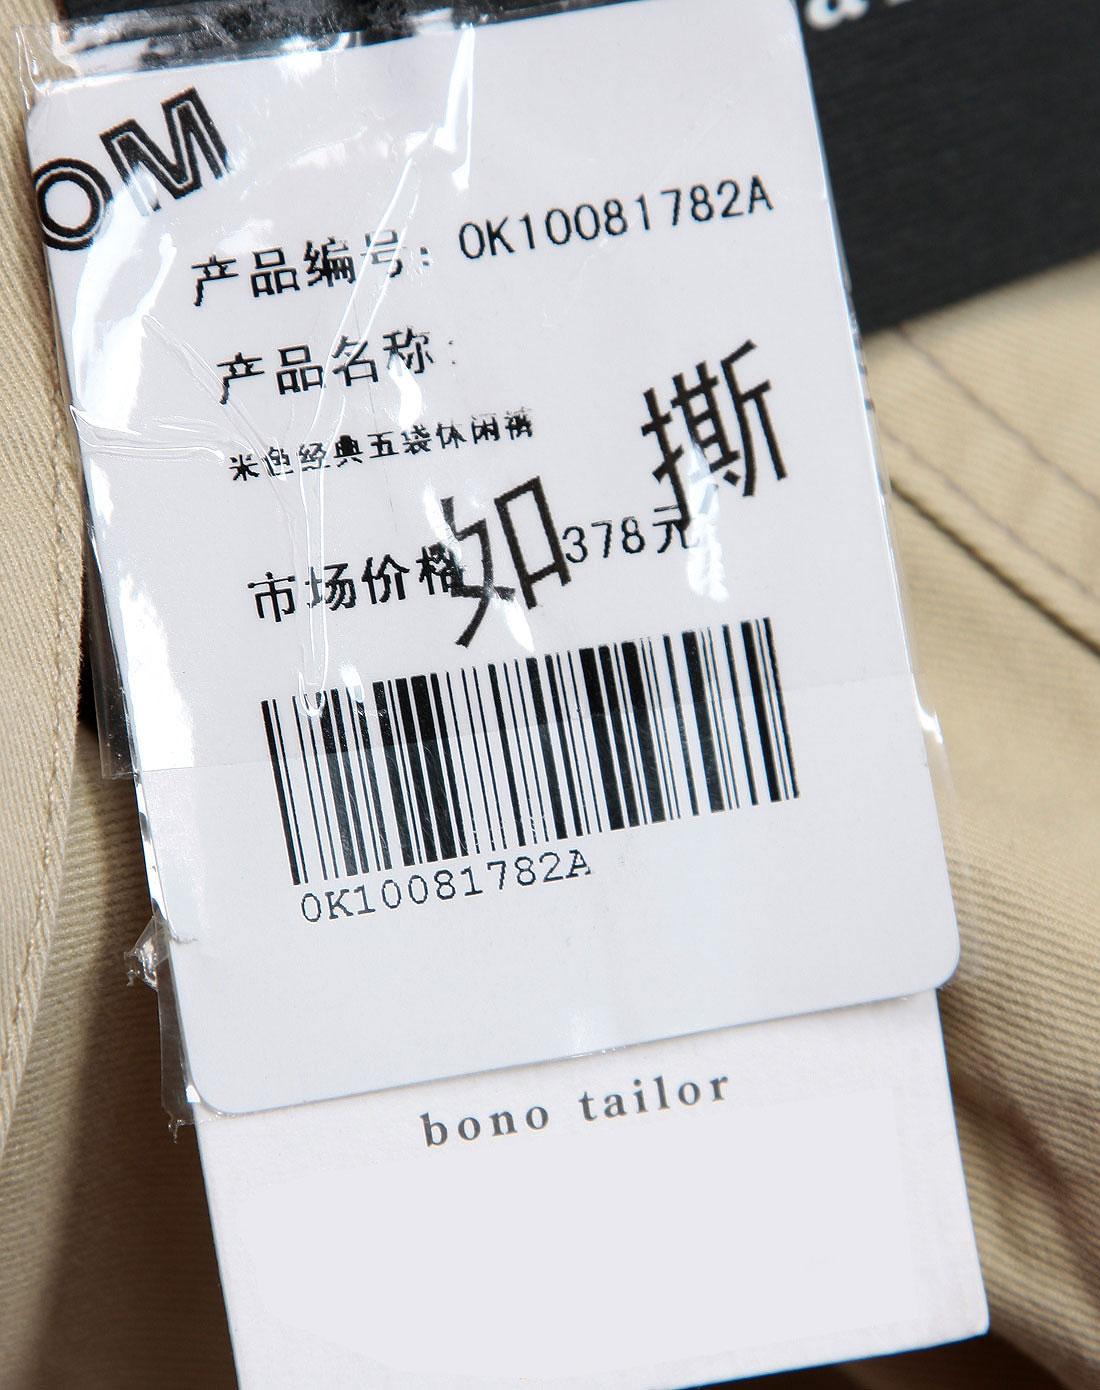 bono sunglasses  bono >>&#8221; title=&#8221; bono sunglasses &#8221; /></a><br /> <br /><a href=